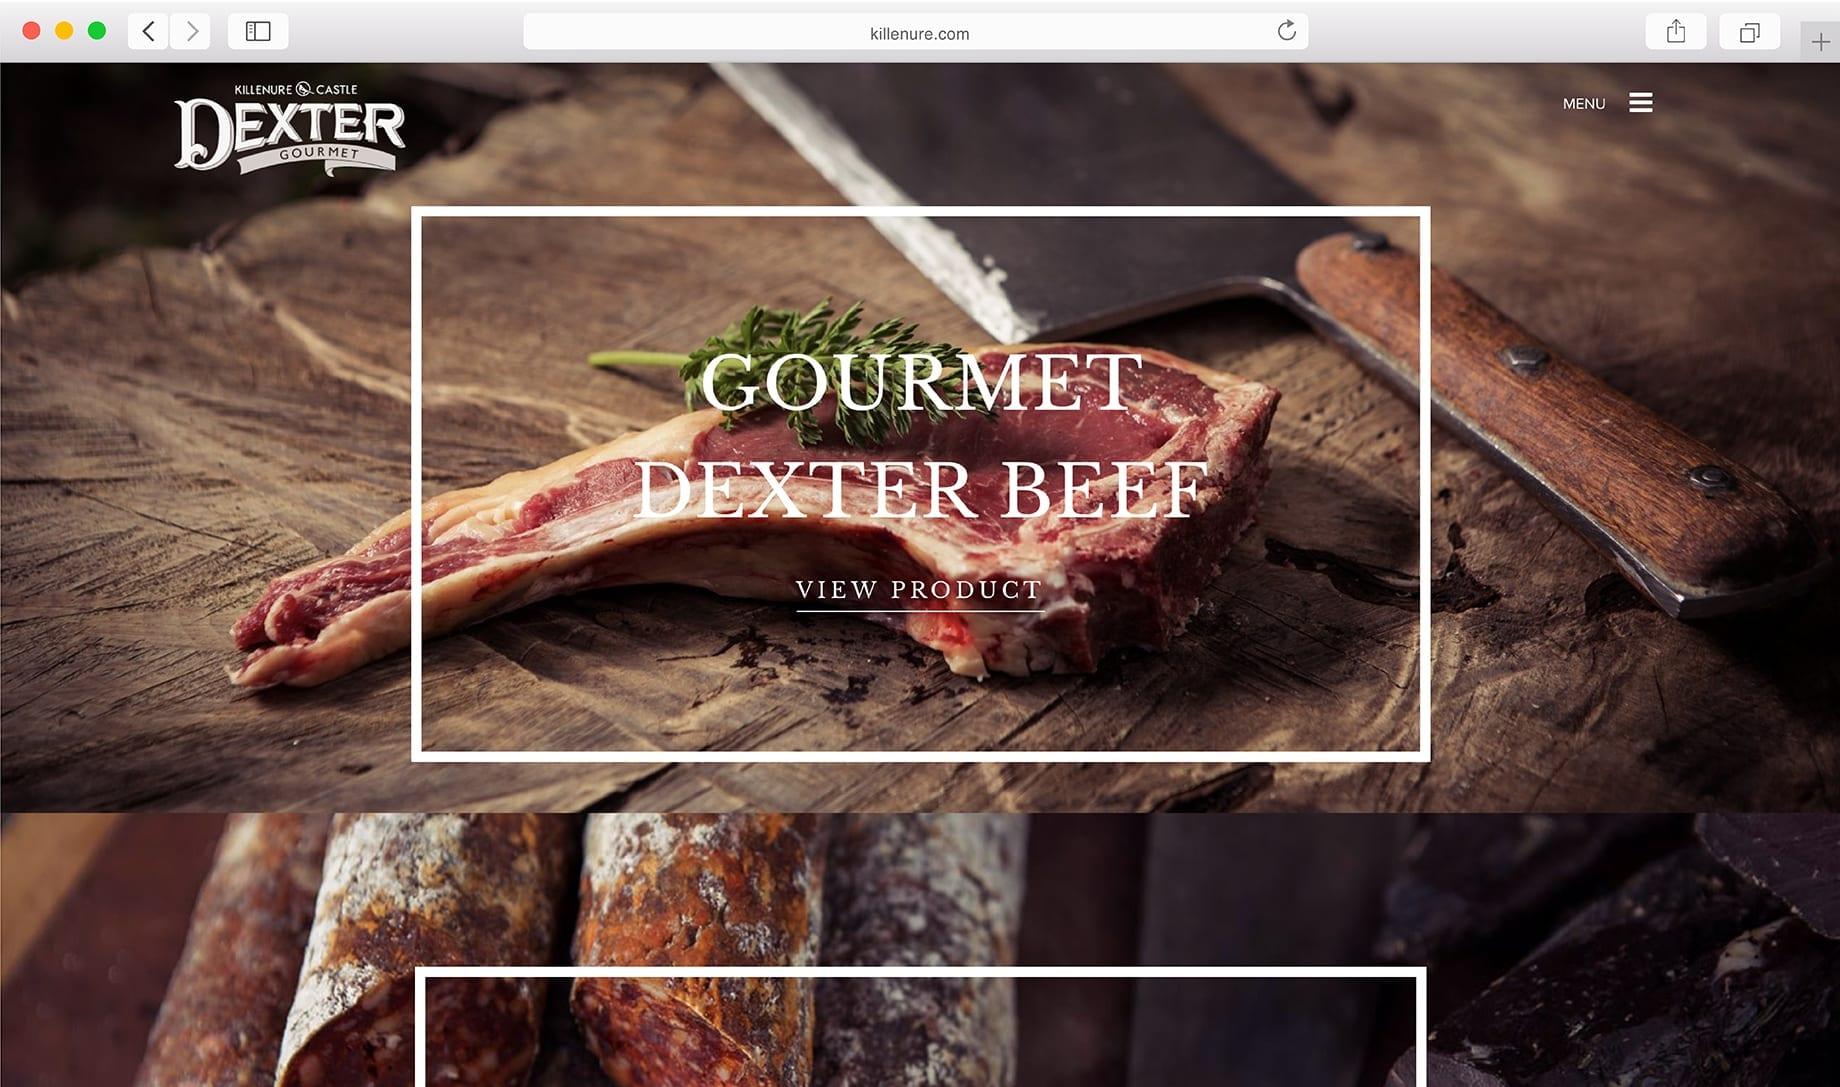 Killenure Dexter Beef